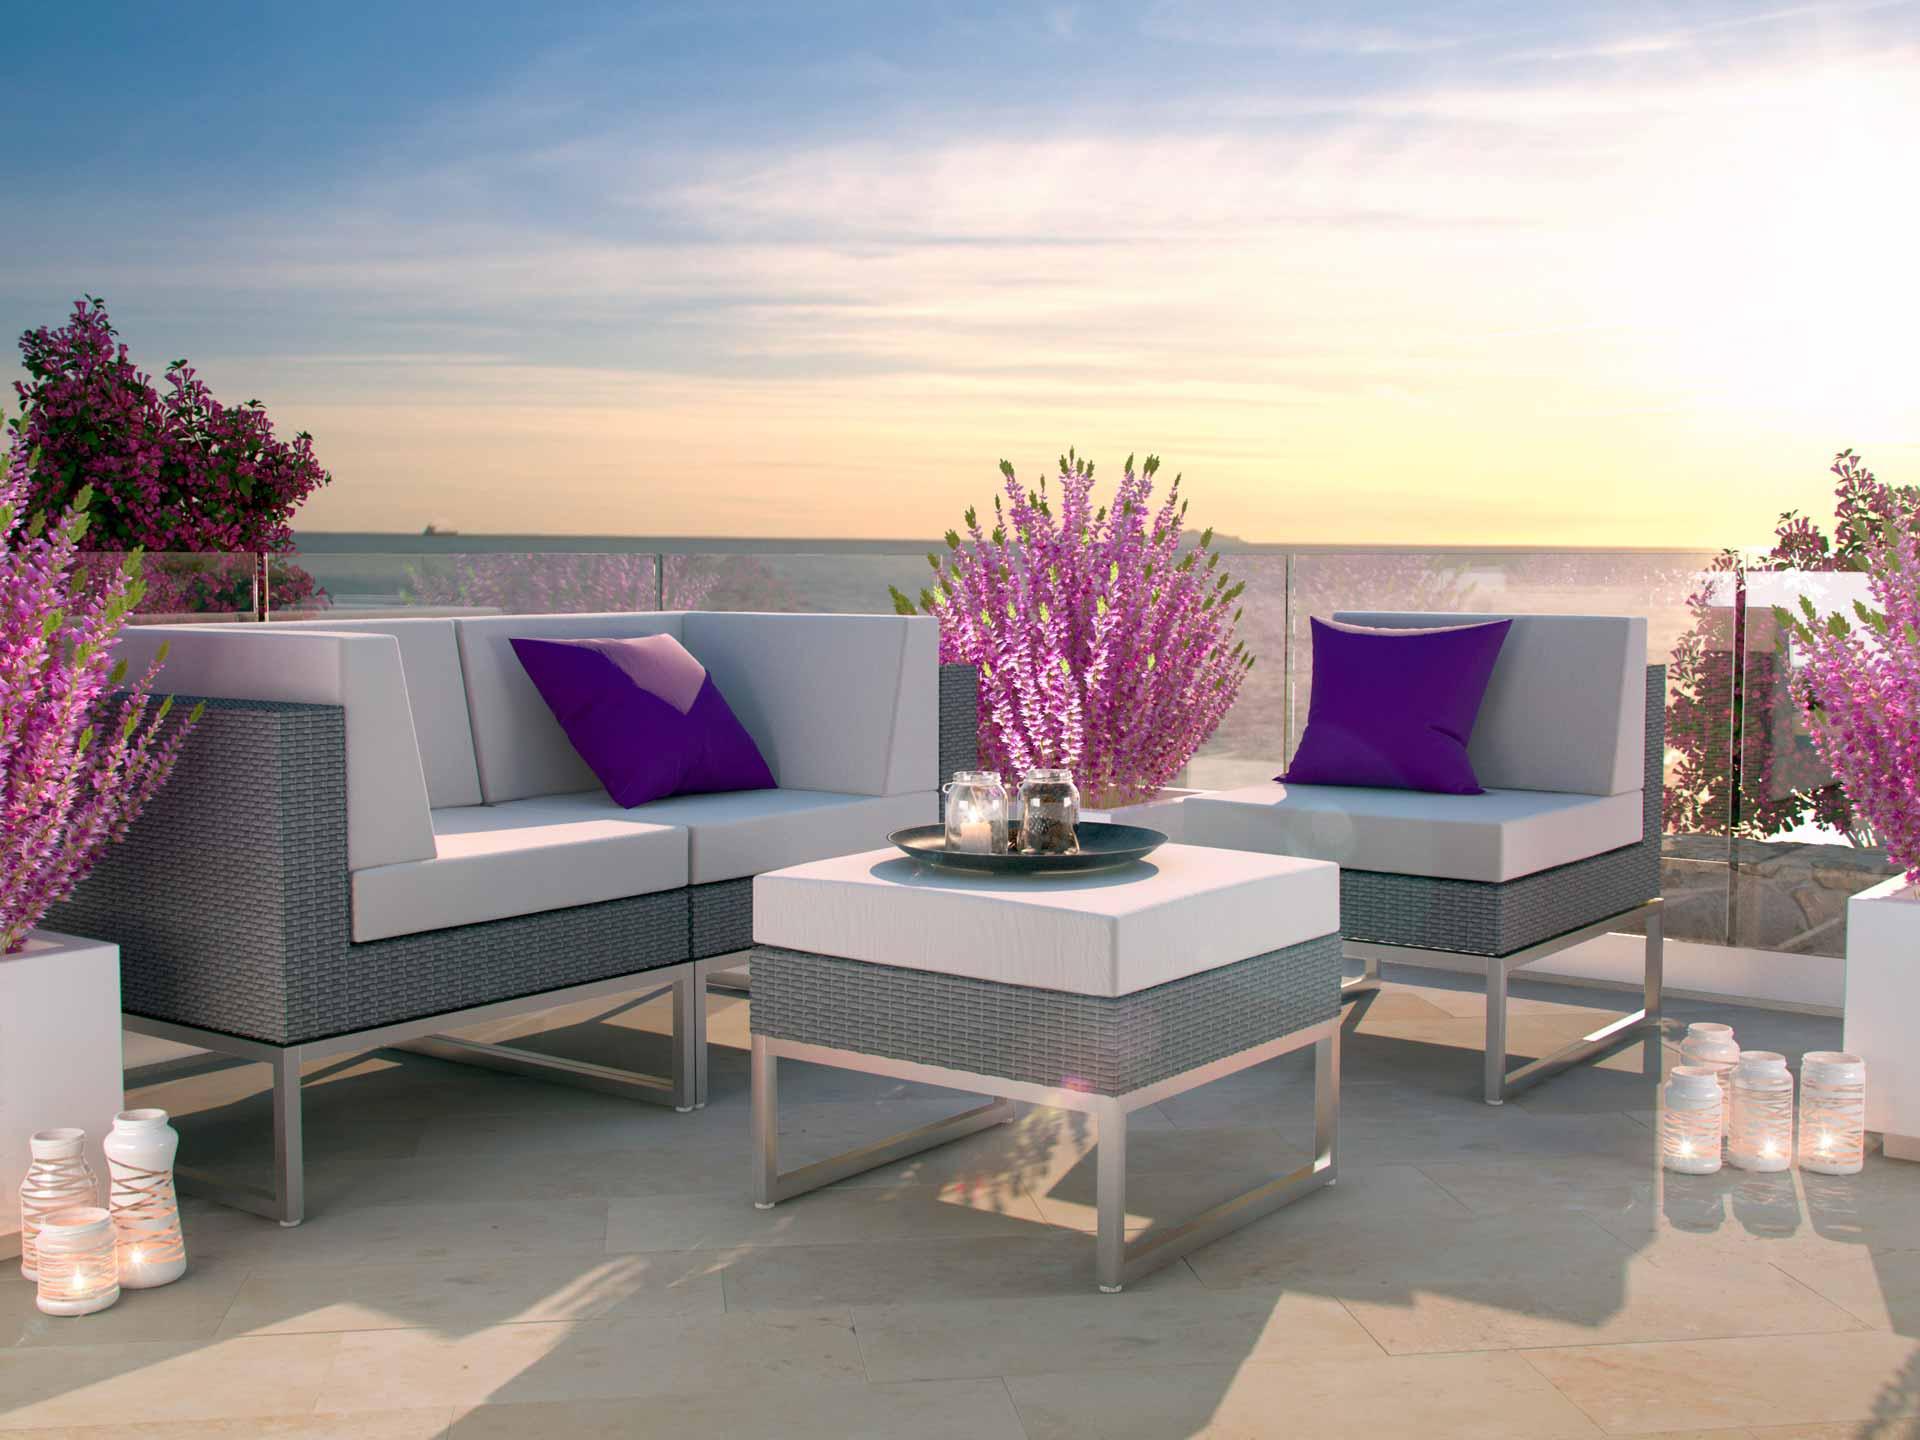 ARTELIA | Leichte Gartenmöbel aus Aluminum oder Alu online kaufen